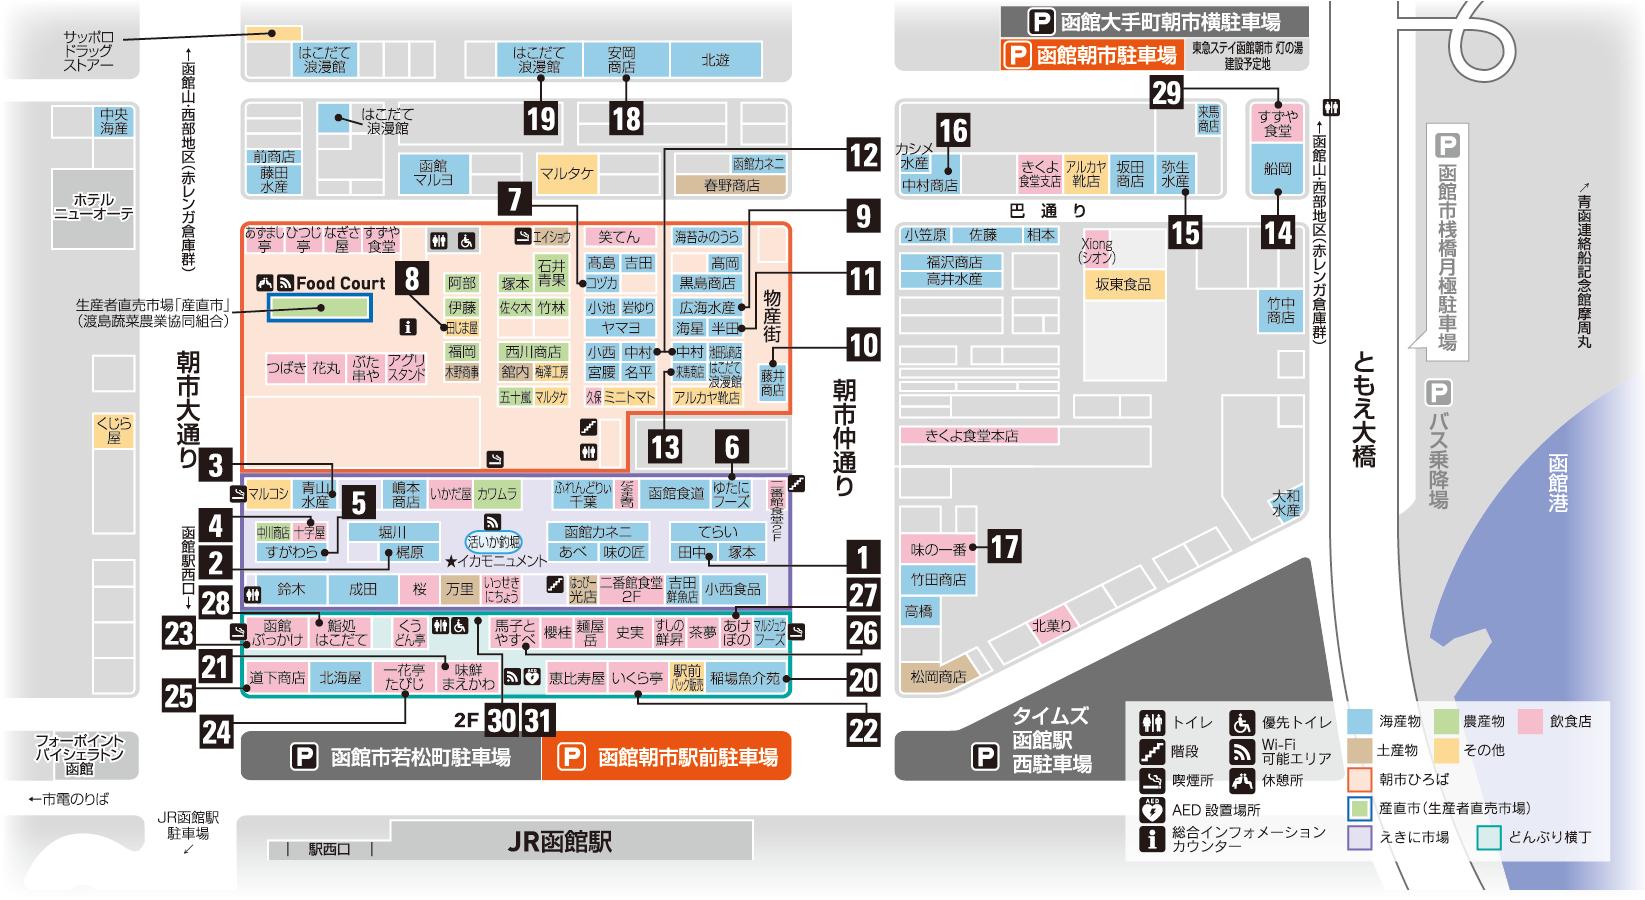 セレクト朝市店舗マップ